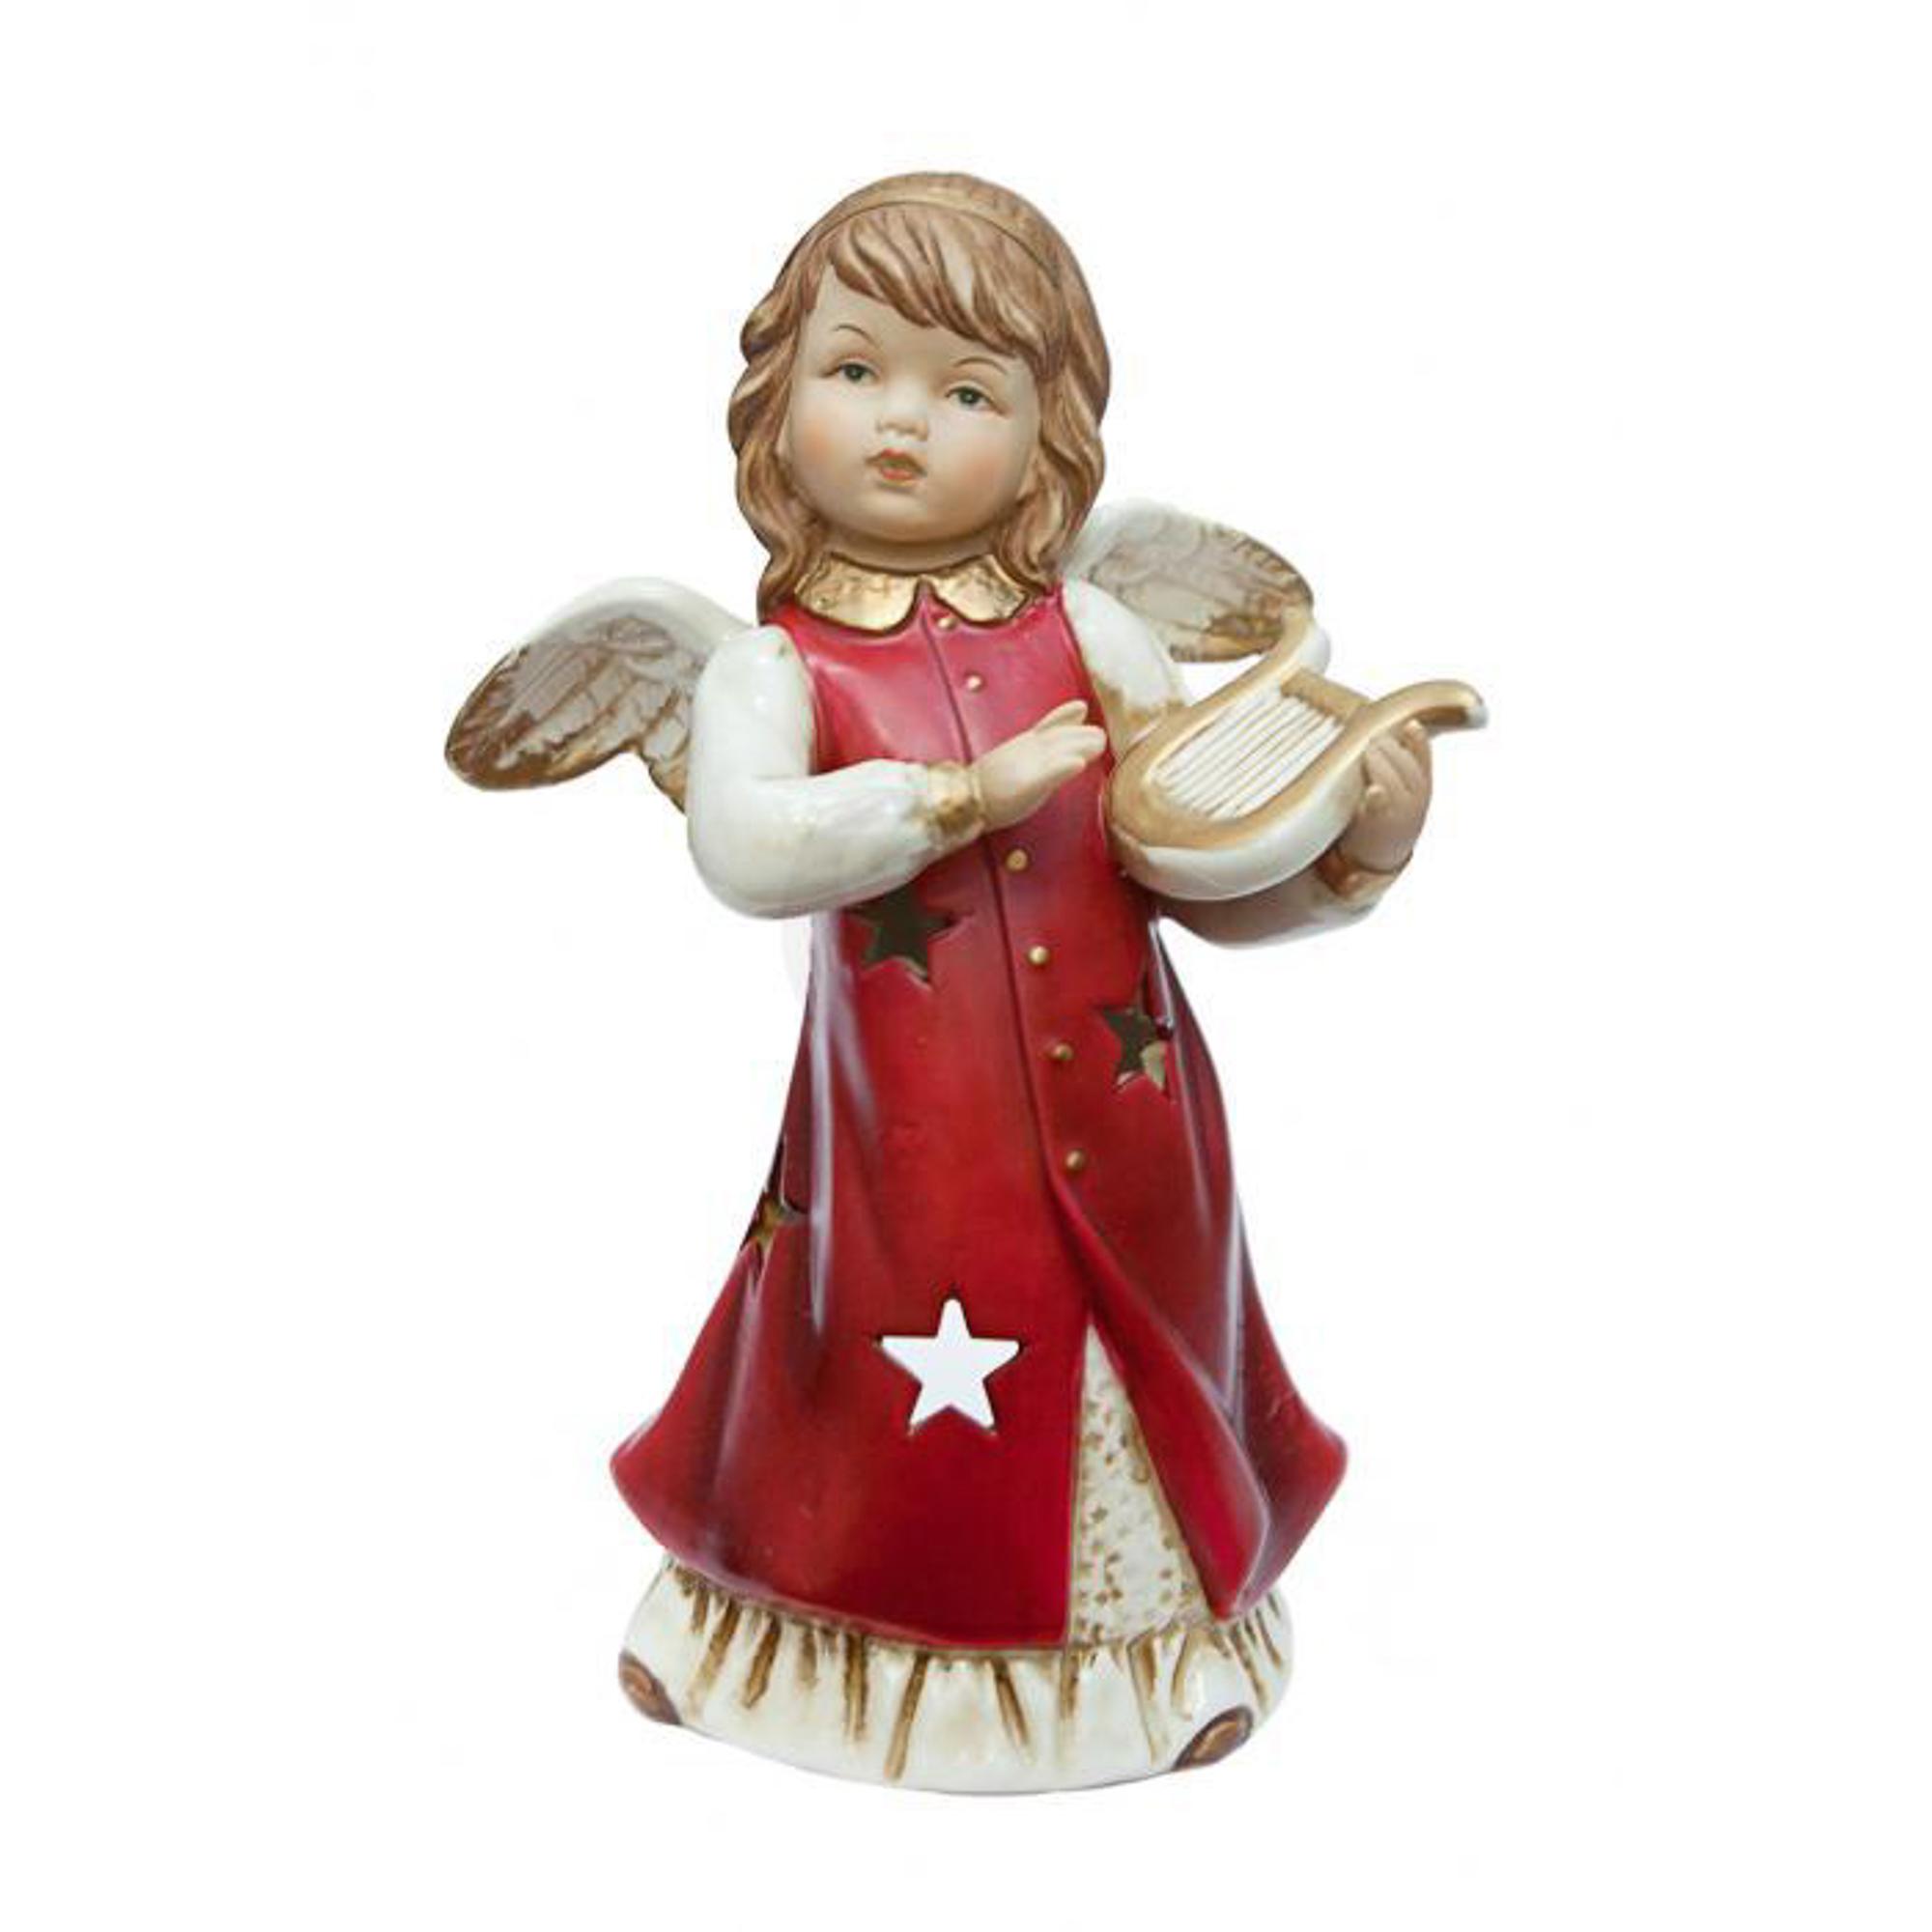 Подсвечник Angel Craft Ангел музыкальные инструменты красный 20 см